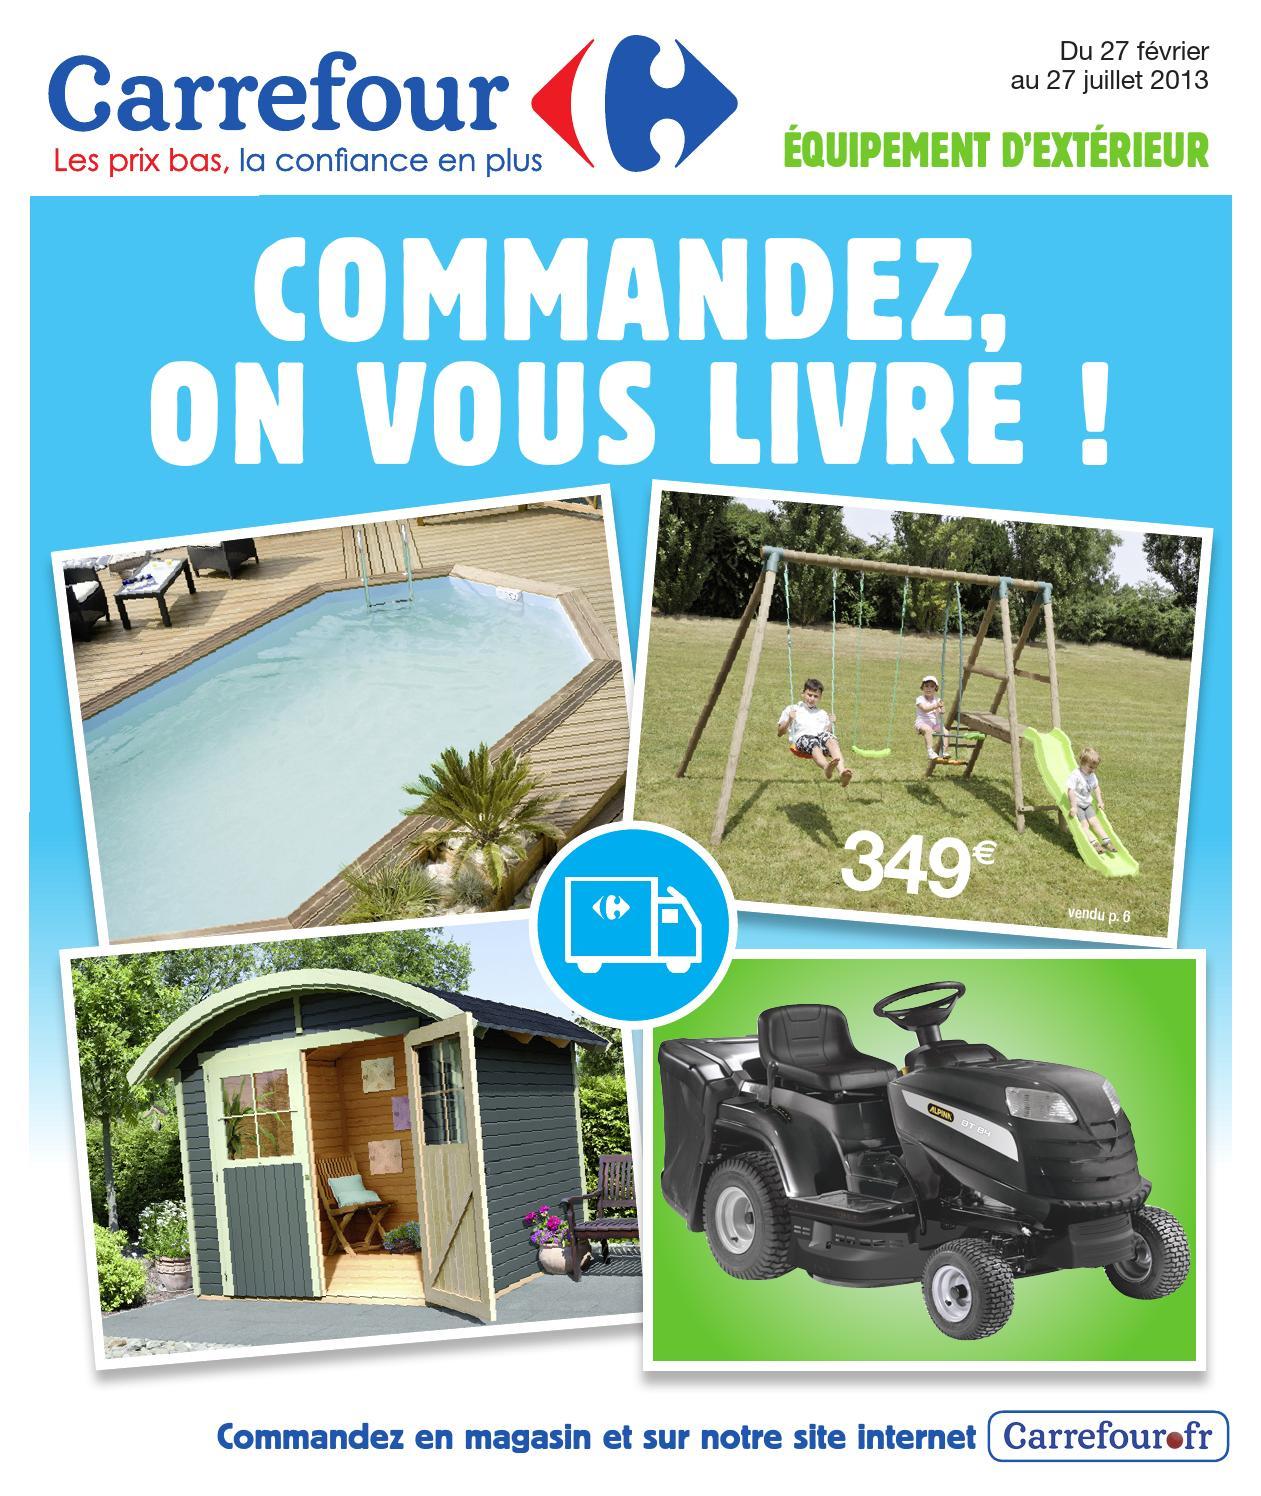 Catalogue Carrefour Commandez On Vous Livre By Pro ... concernant Abris De Jardin Carrefour